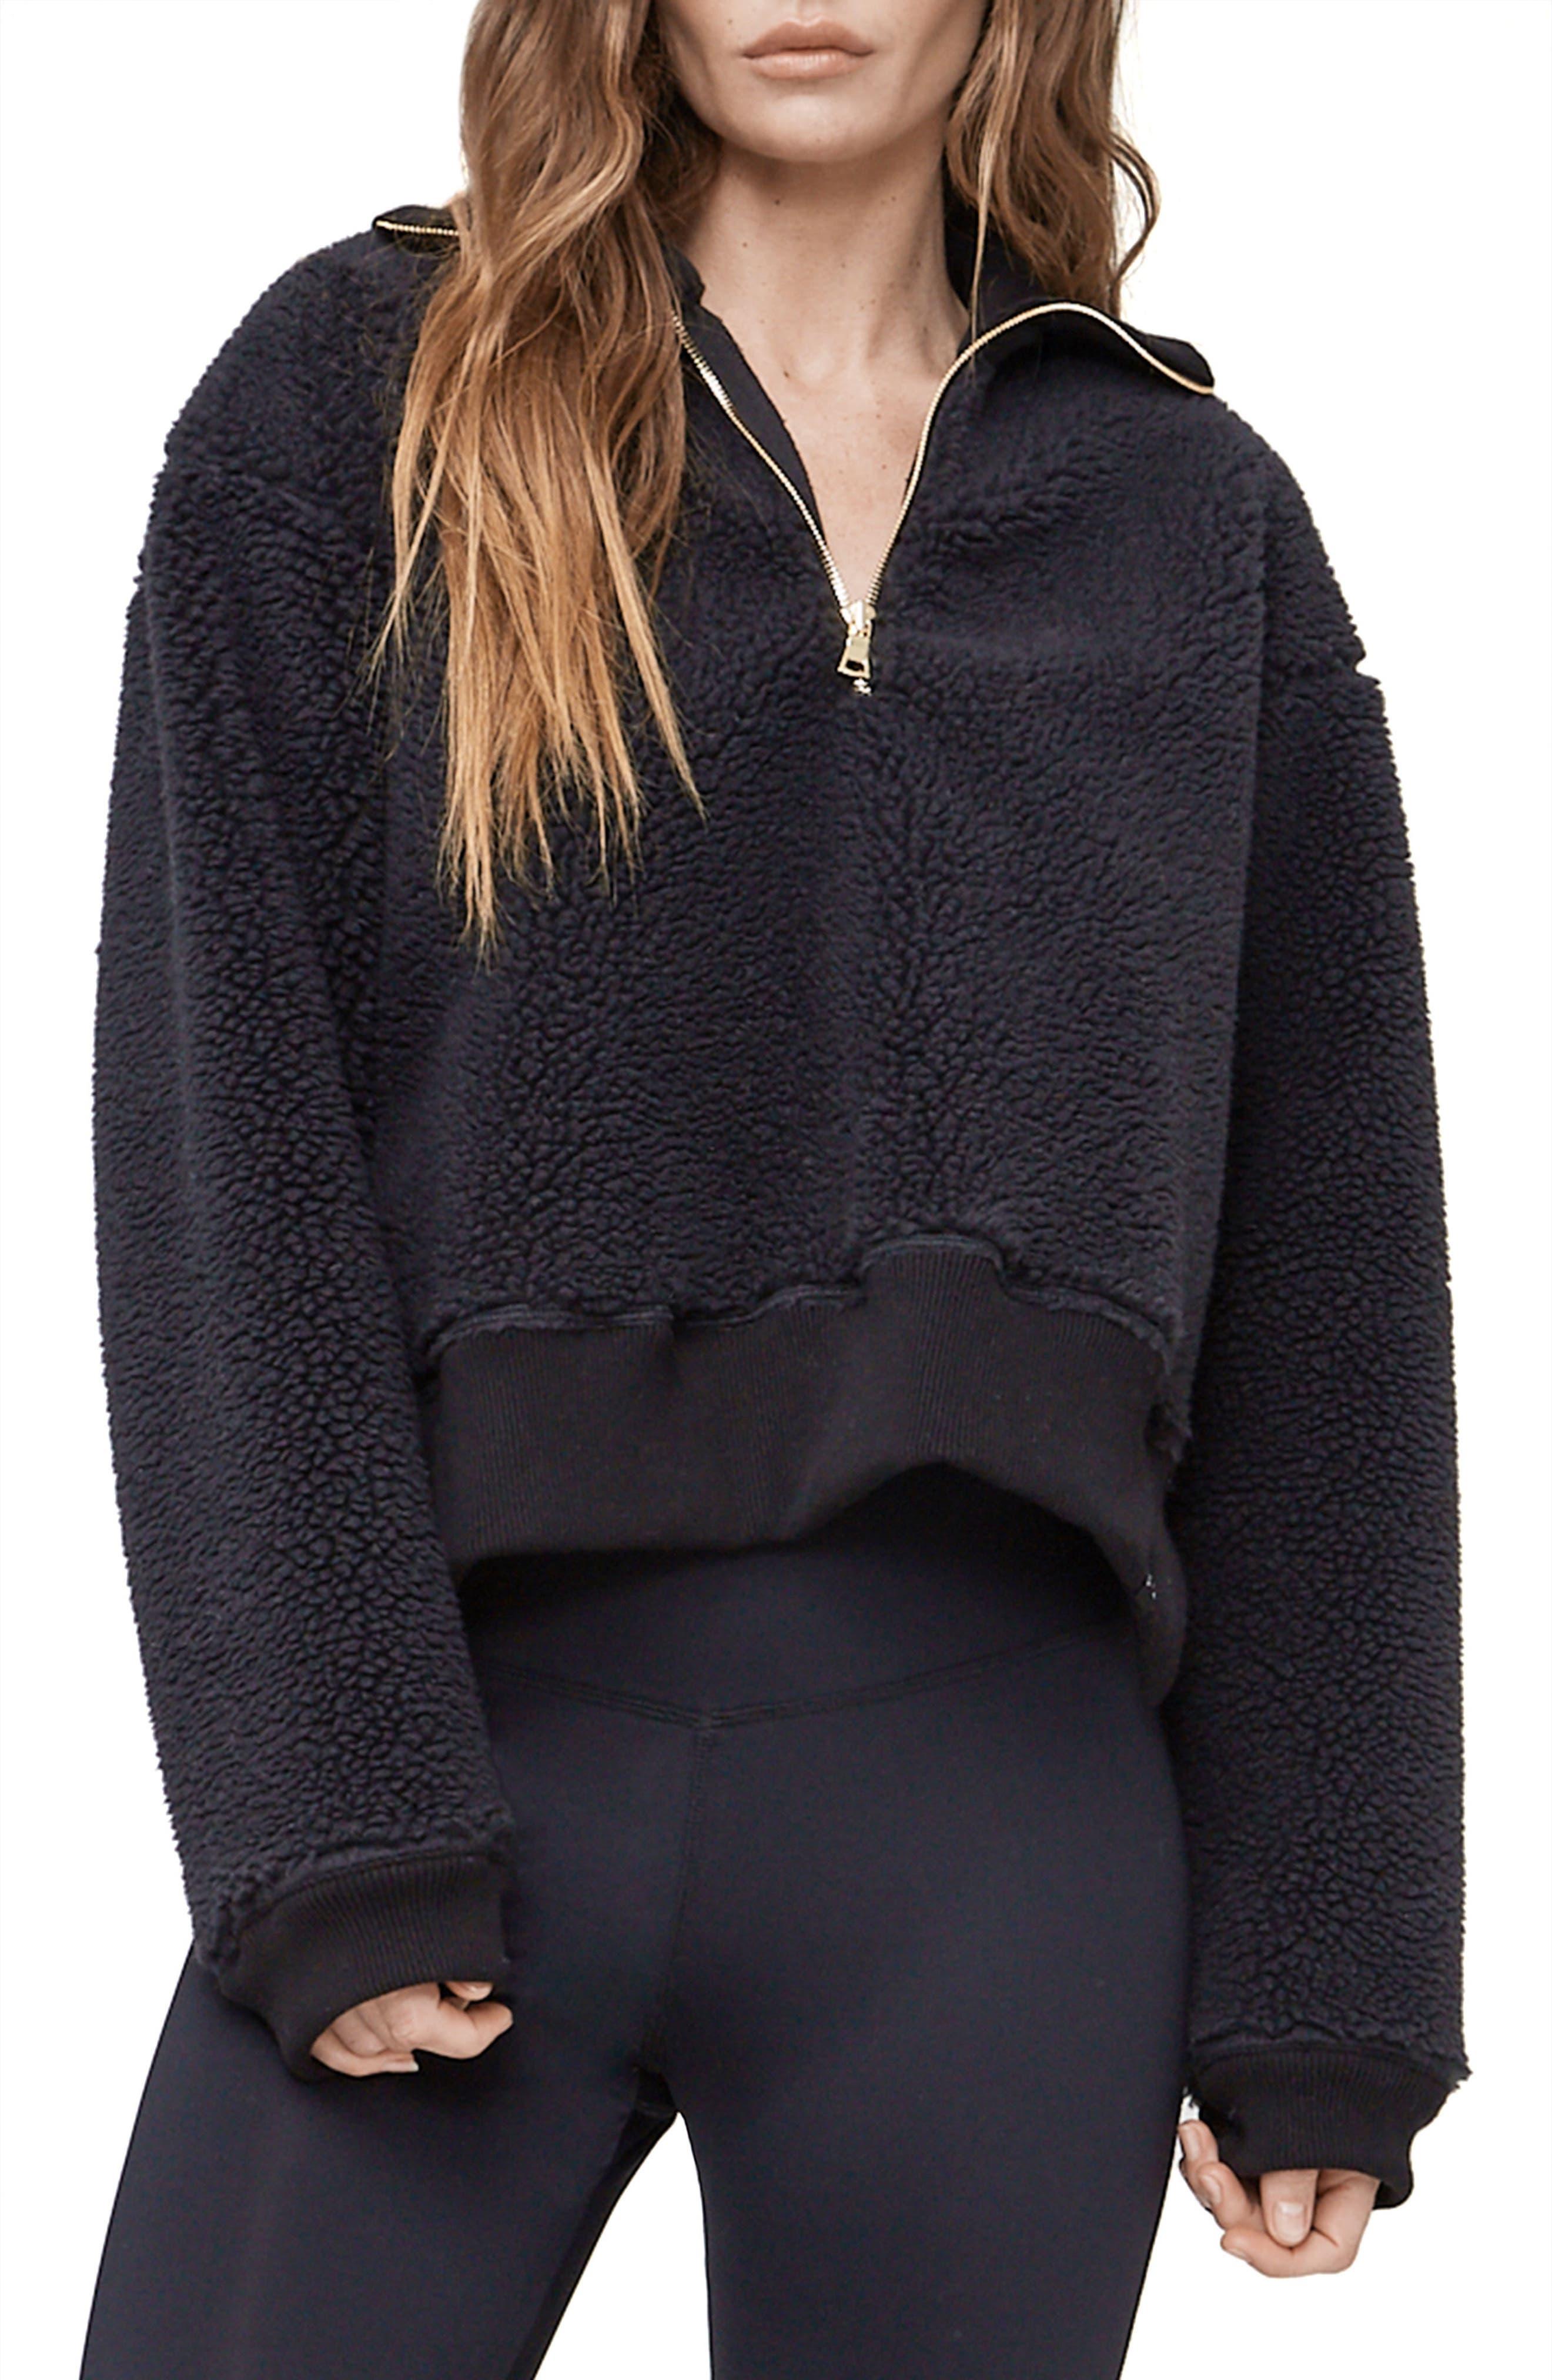 Varley Daphne Fleece Pullover